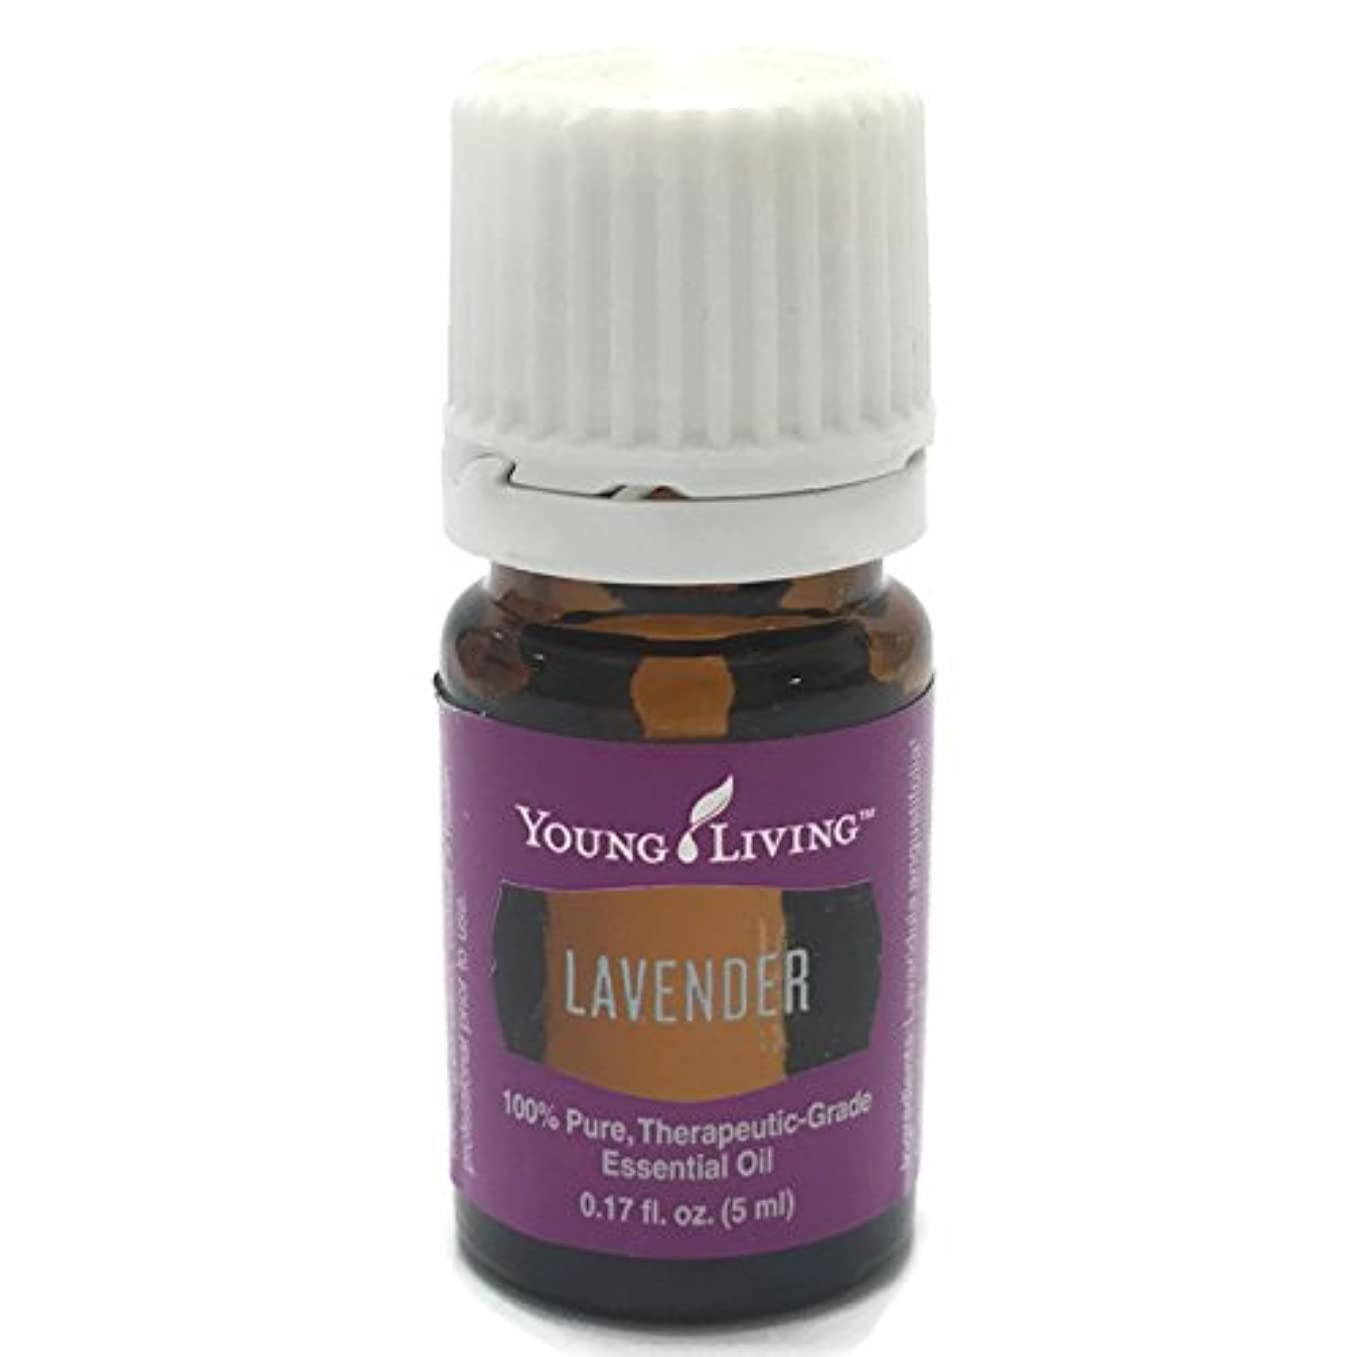 思い出させる迷惑背骨ヤングリビング Young Living ラベンダー Lavender エッセンシャルオイル 5ml